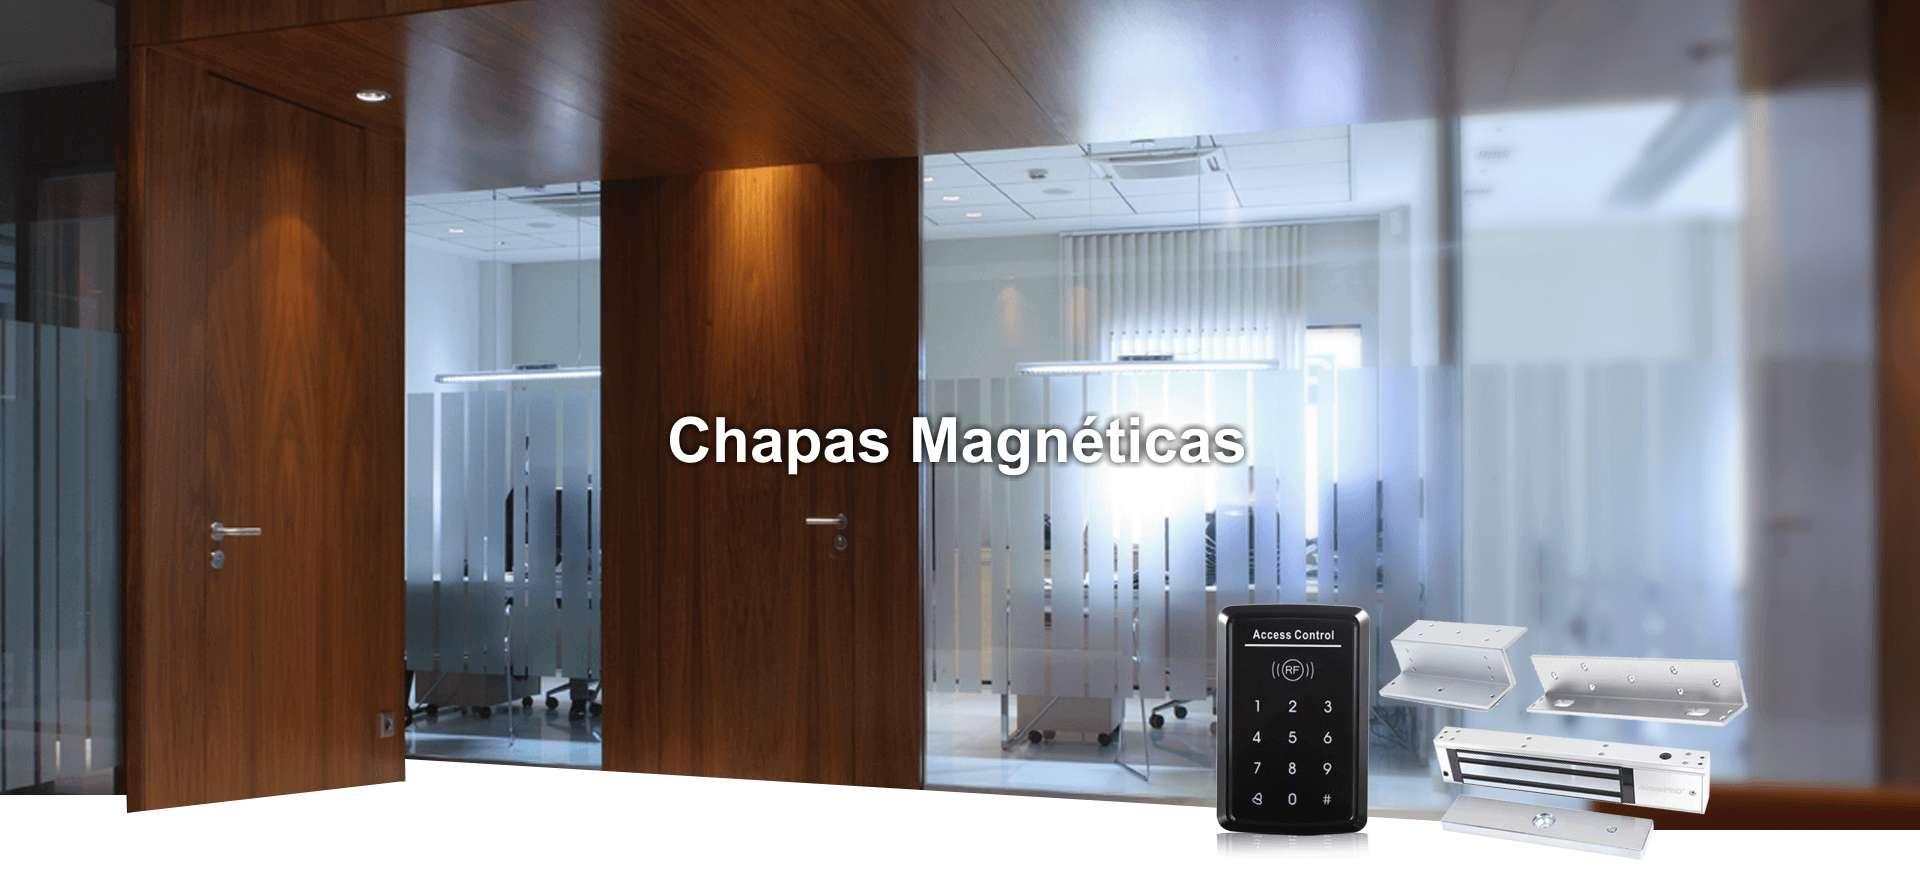 Chapas Magnéticas en Lázaro Cárdenas, Michoacán e Ixtapa Zihuatanejo, Guerrero